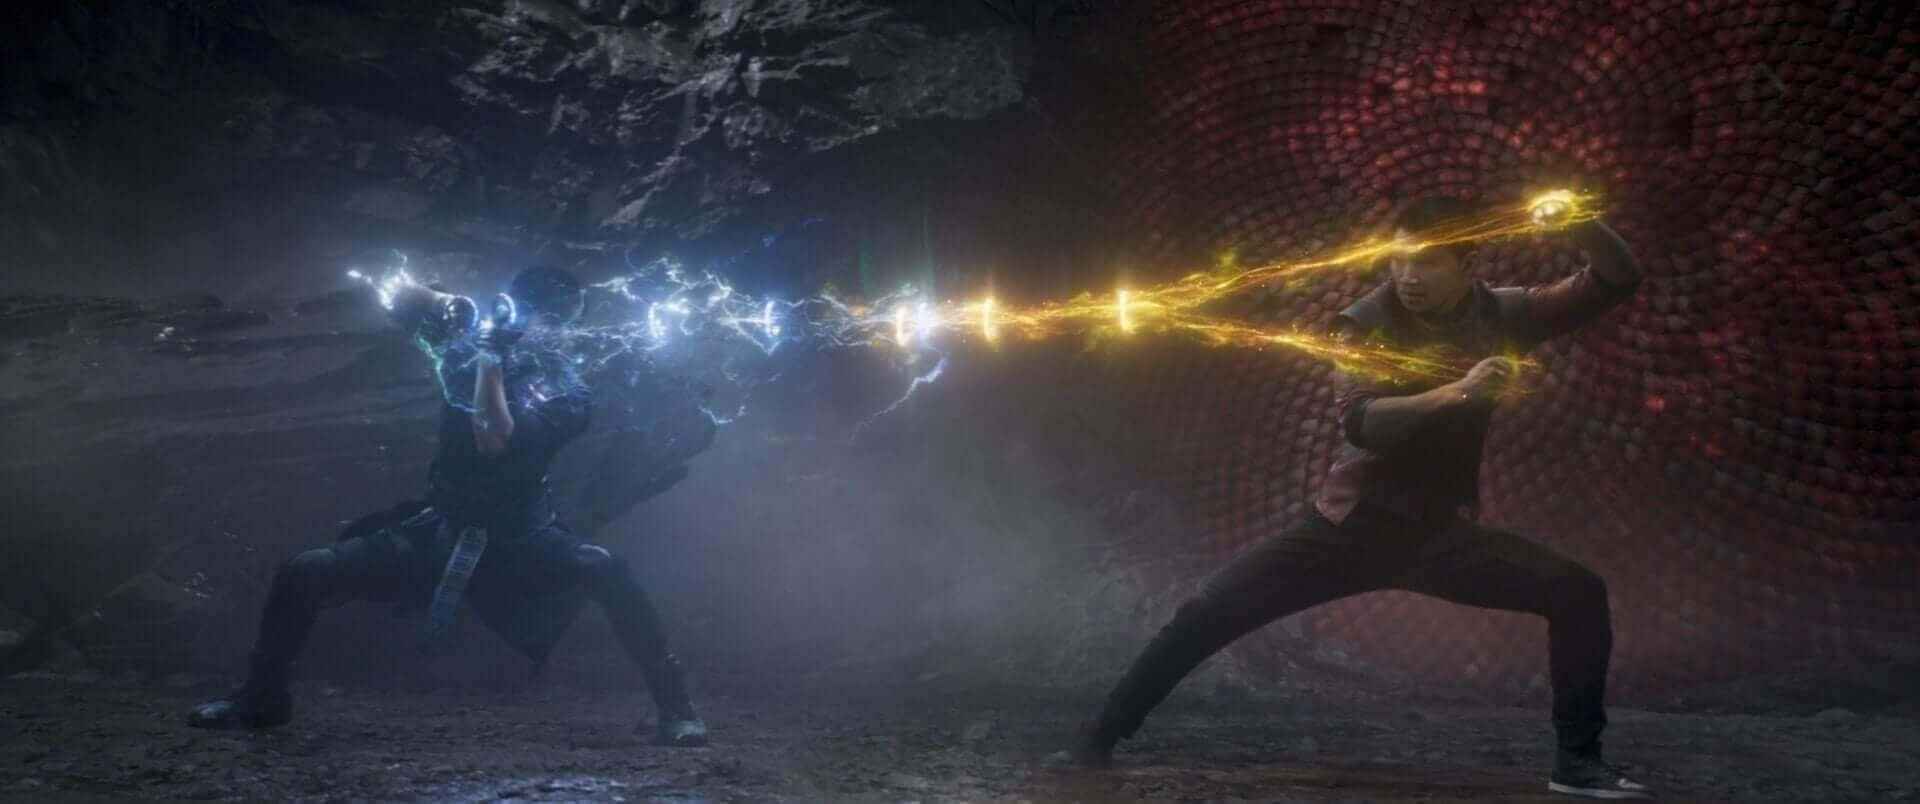 マーベル・スタジオの新ヒーローに世界中が大注目!『シャン・チー/テン・リングスの伝説』が2週連続全世界興収No.1を記録 film210913_shang_chi_4